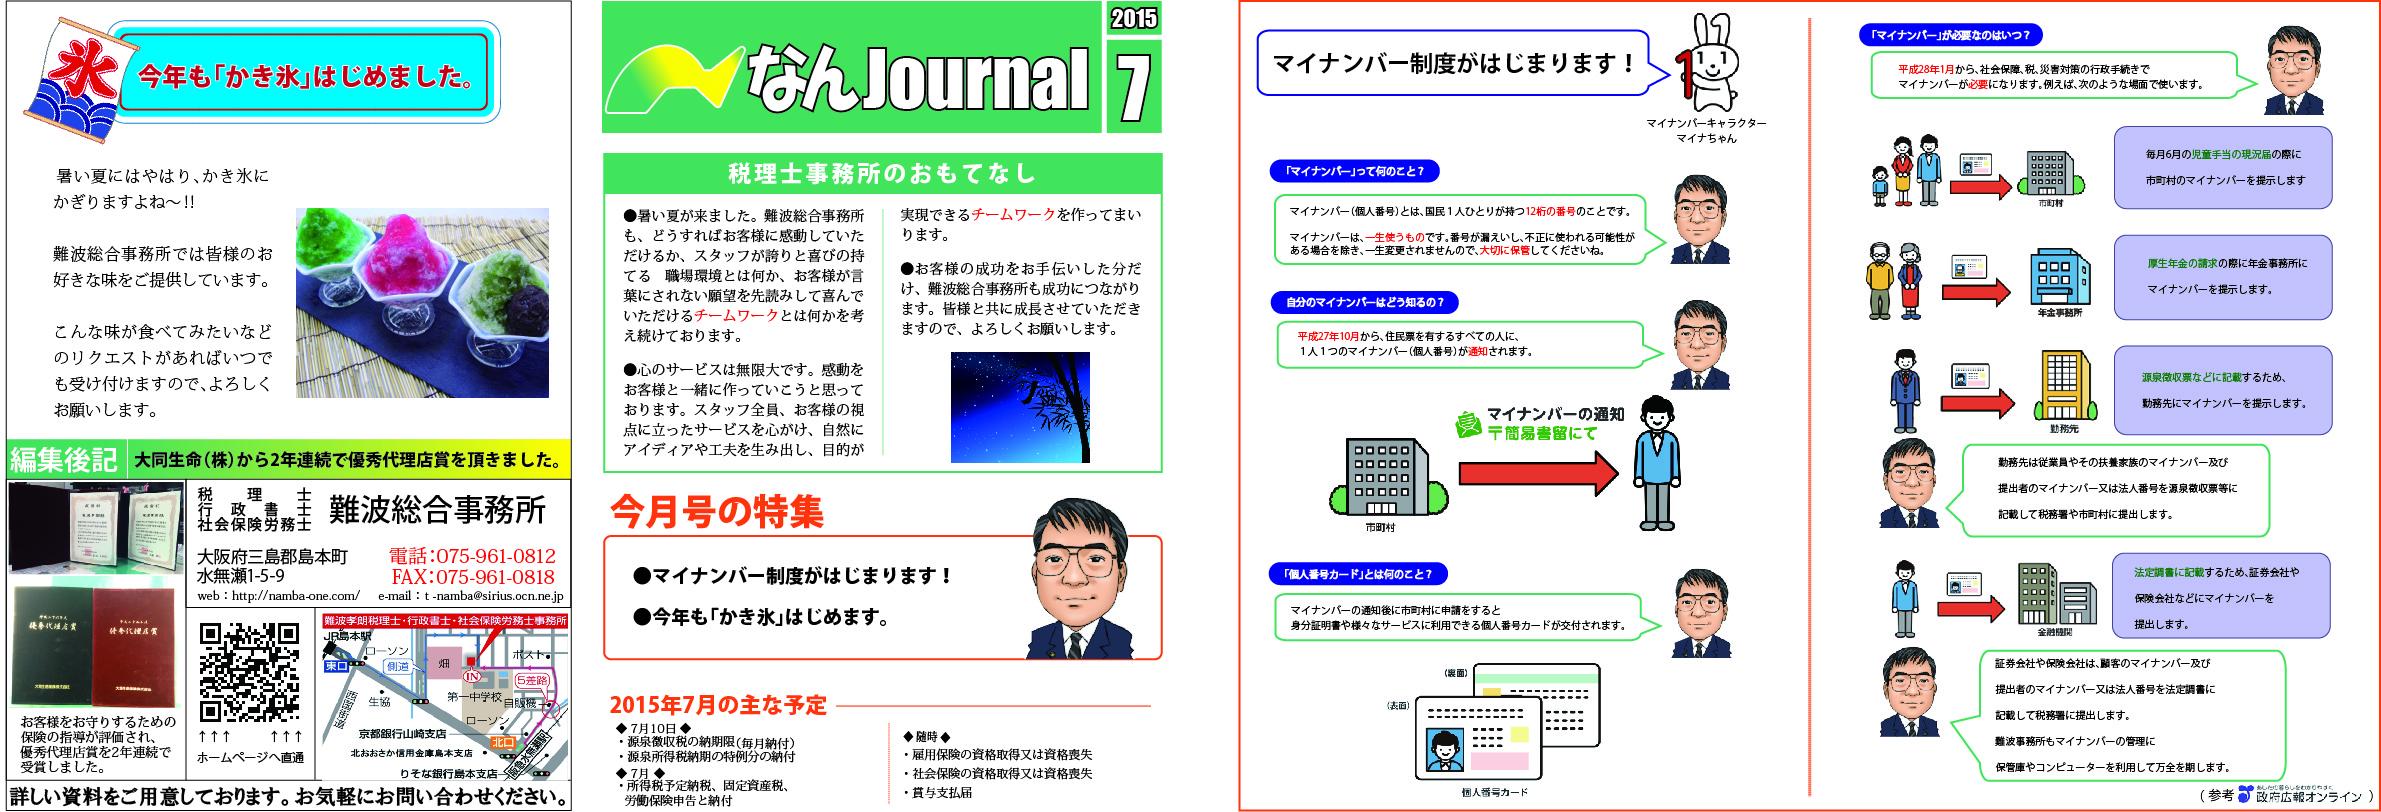 なんJournal 2015 07号